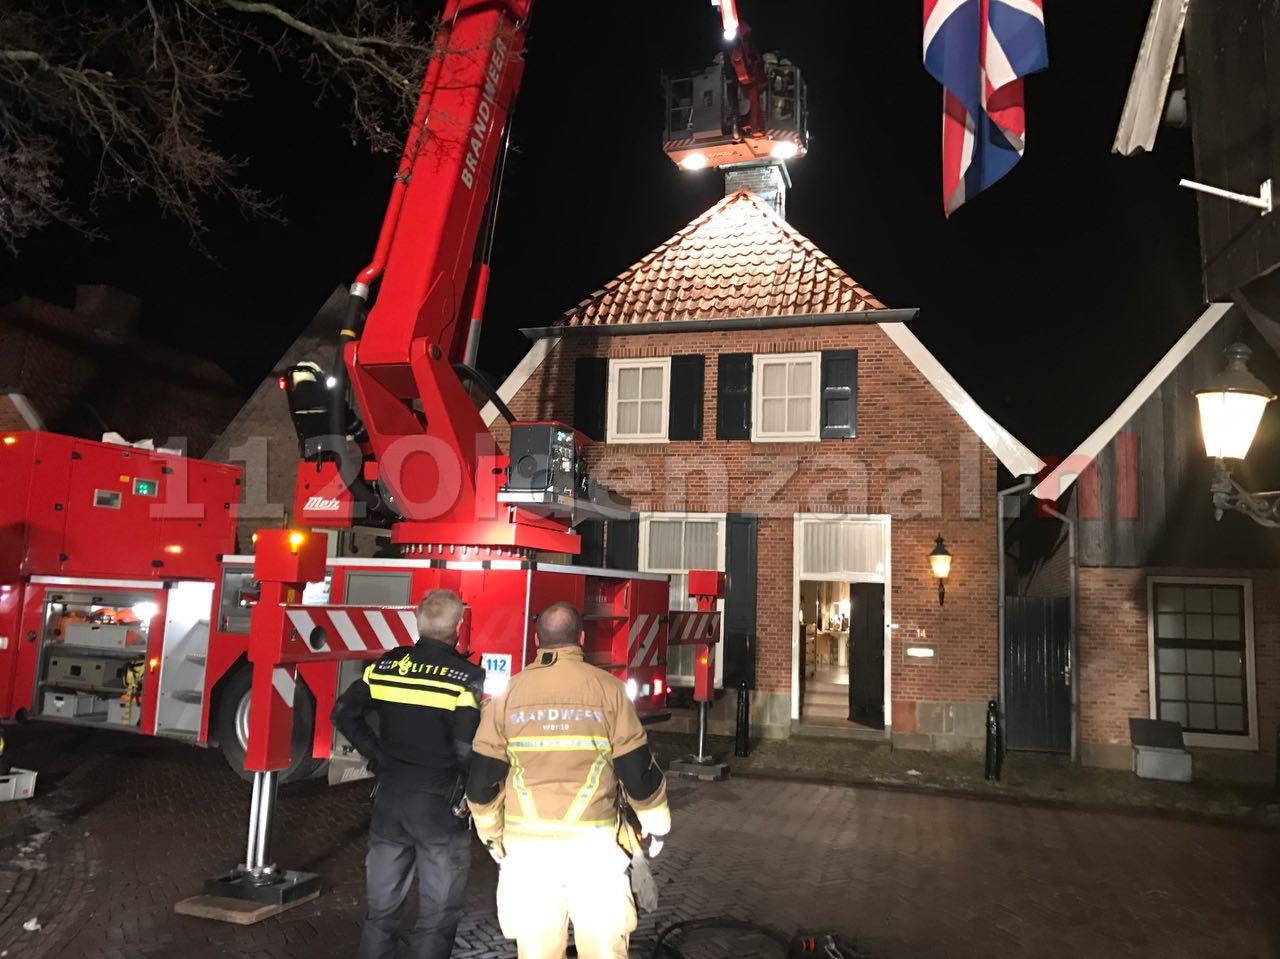 VIDEO: Flinke schoorsteenbrand in Ootmarsum